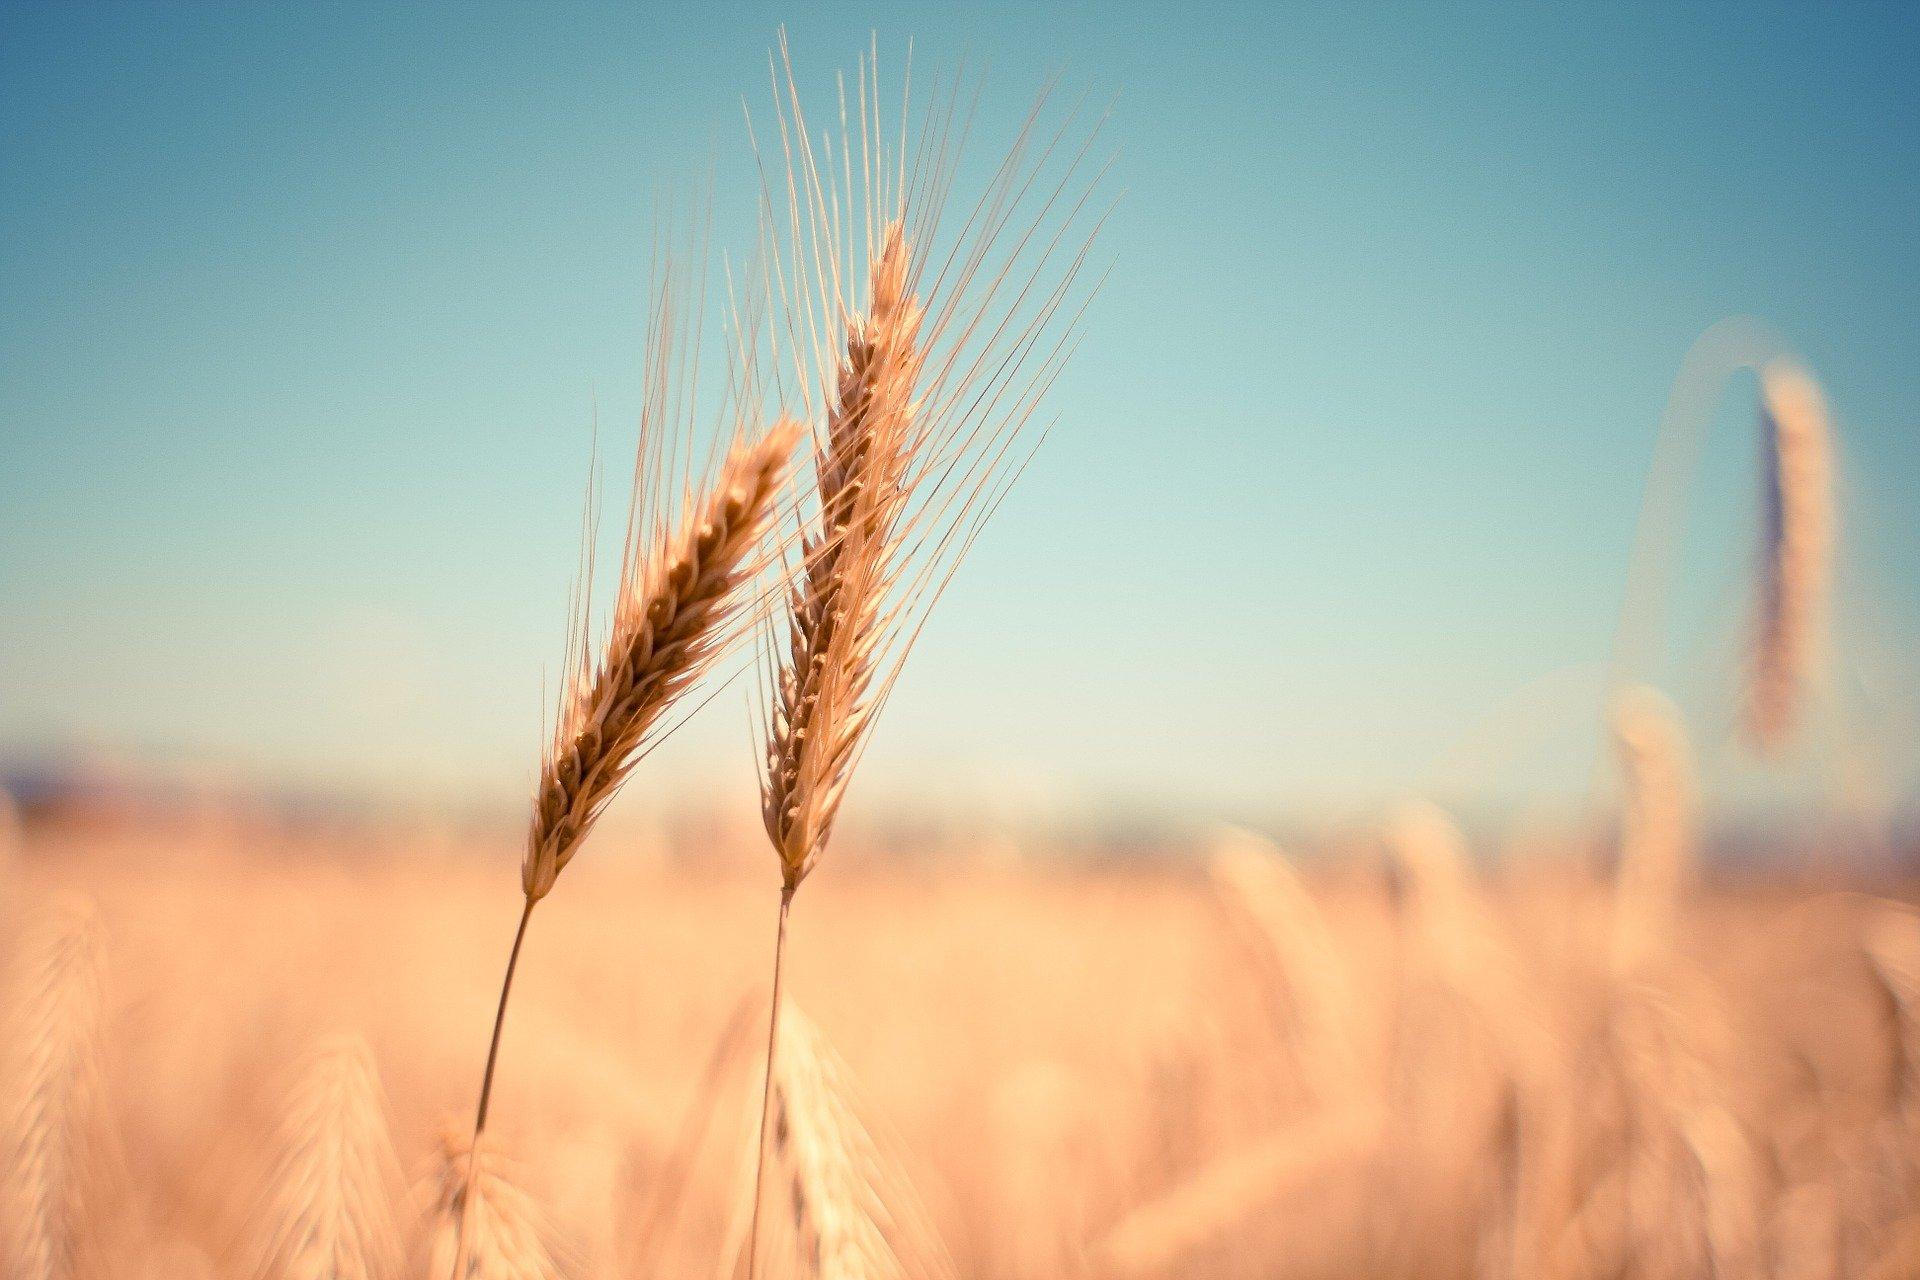 Ceny mąki ruszyły w górę